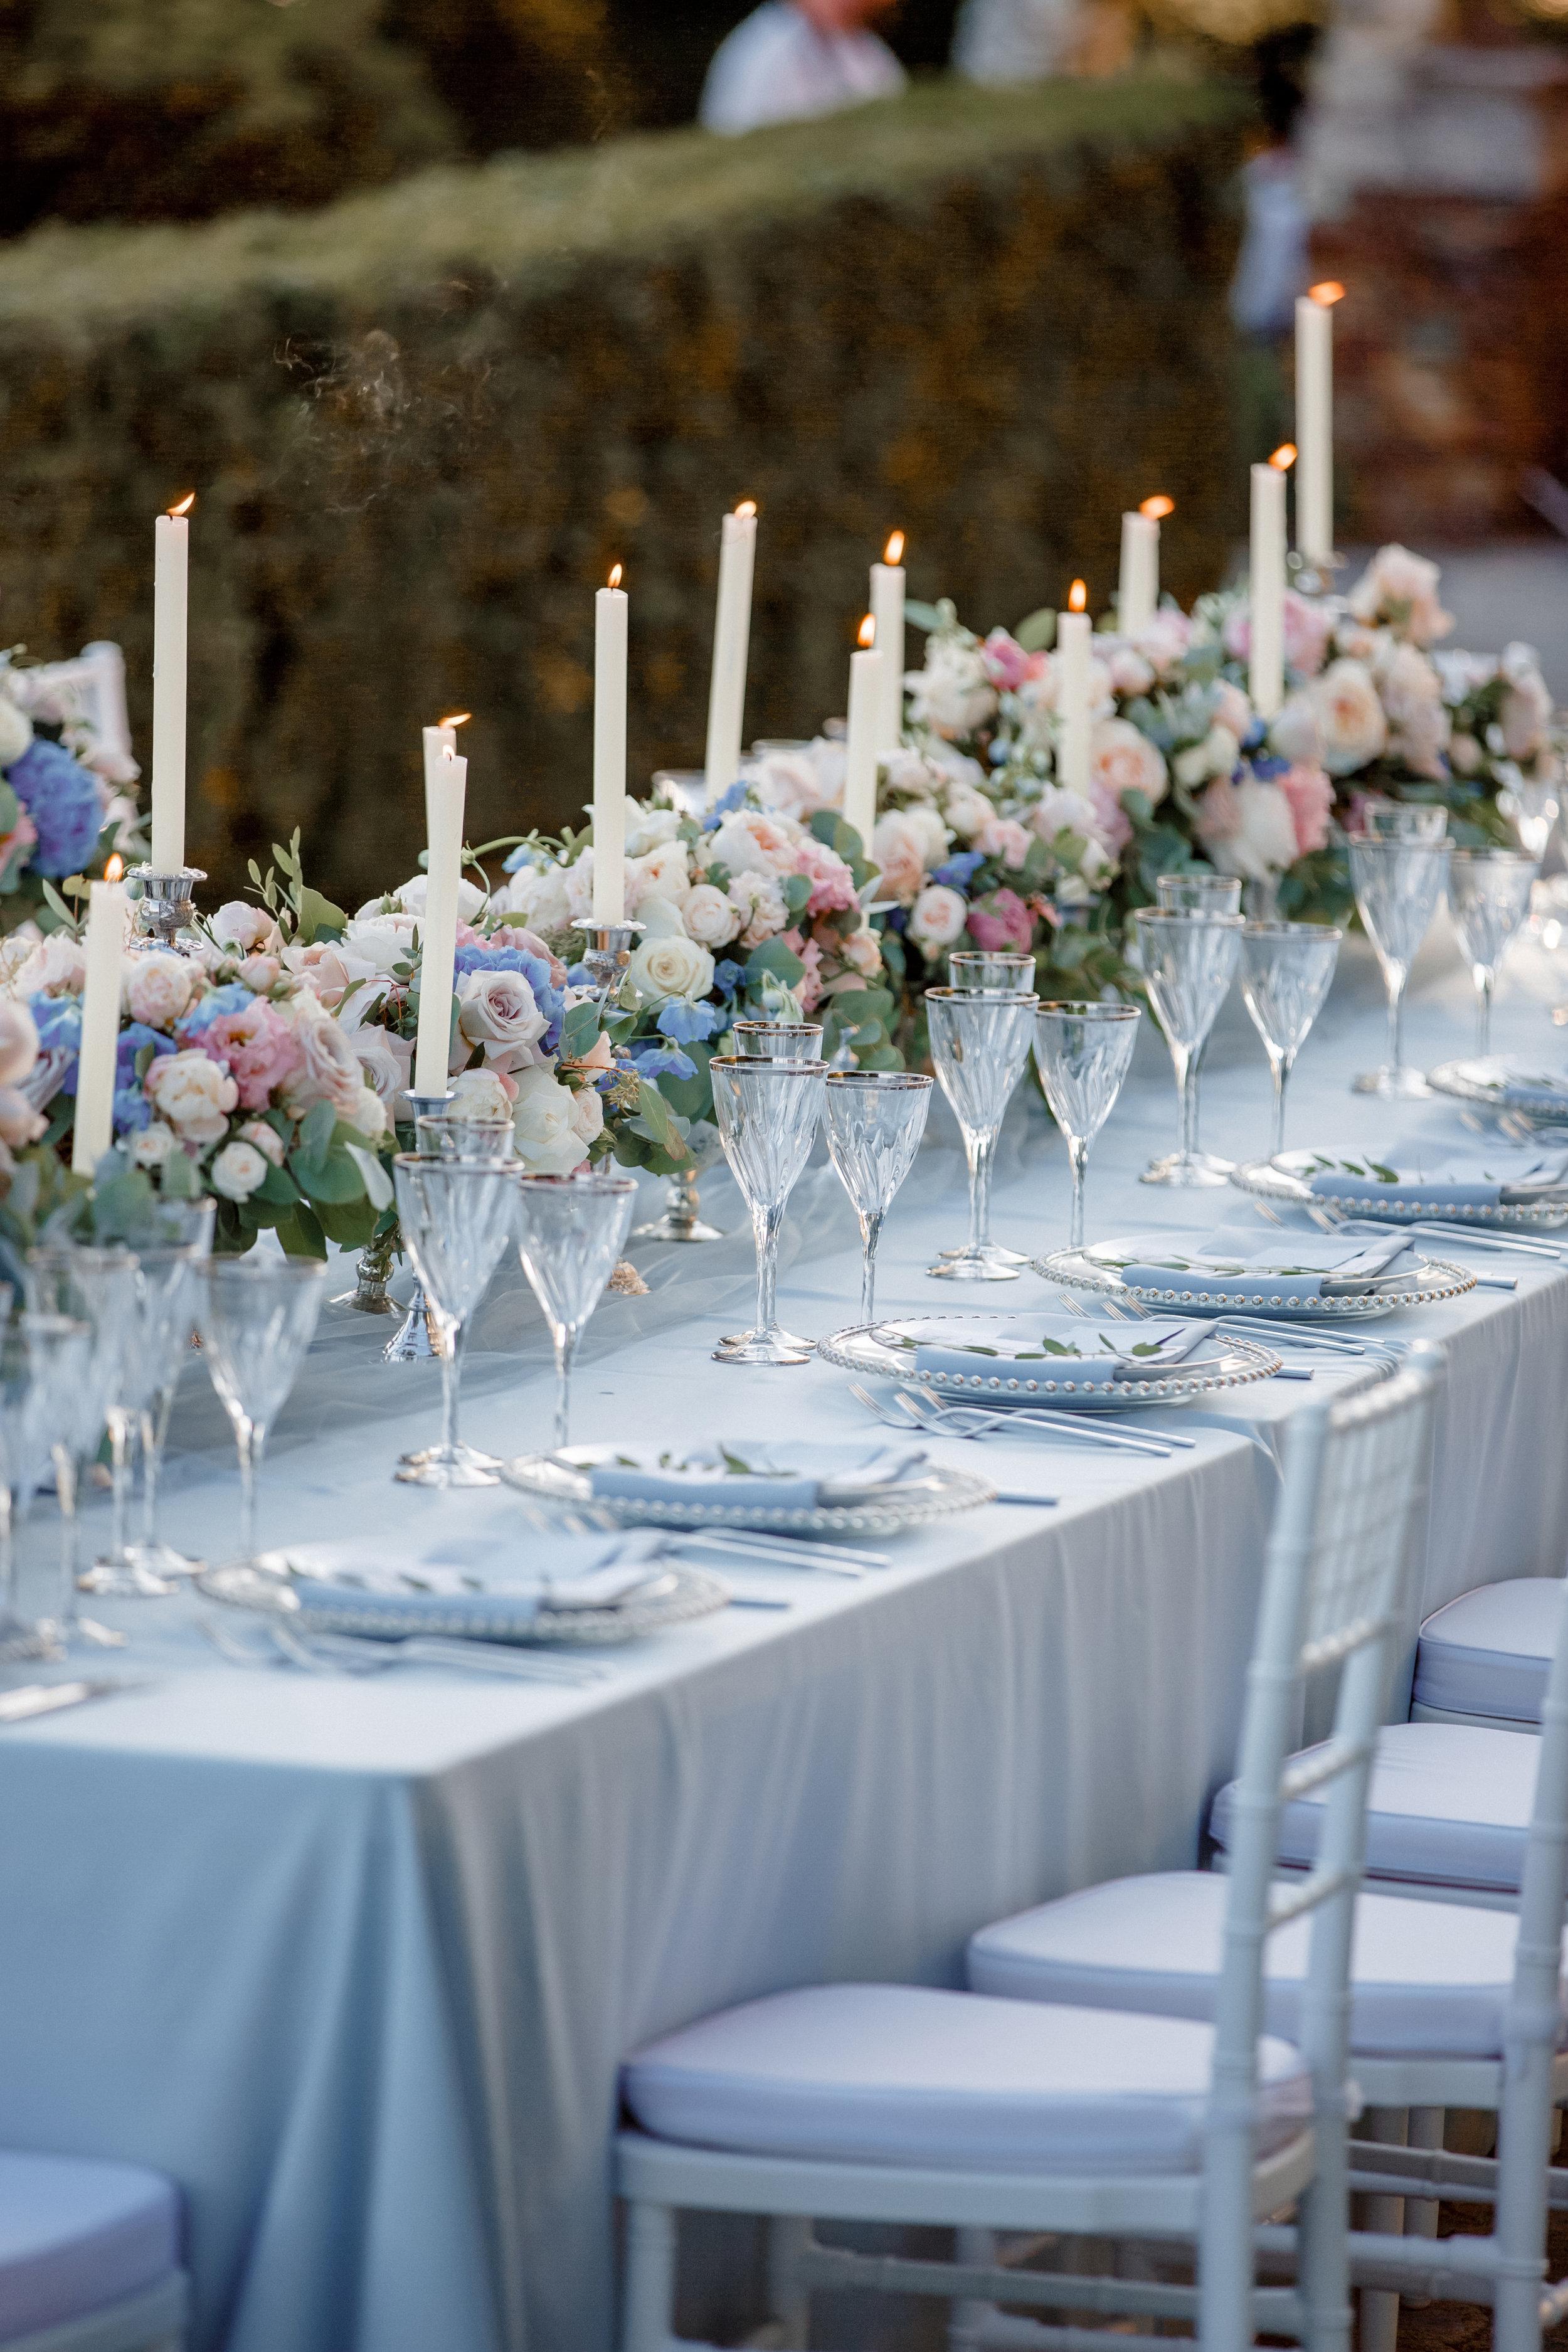 170822-438-Marina-Fadeeva-wedding-photographer.jpg